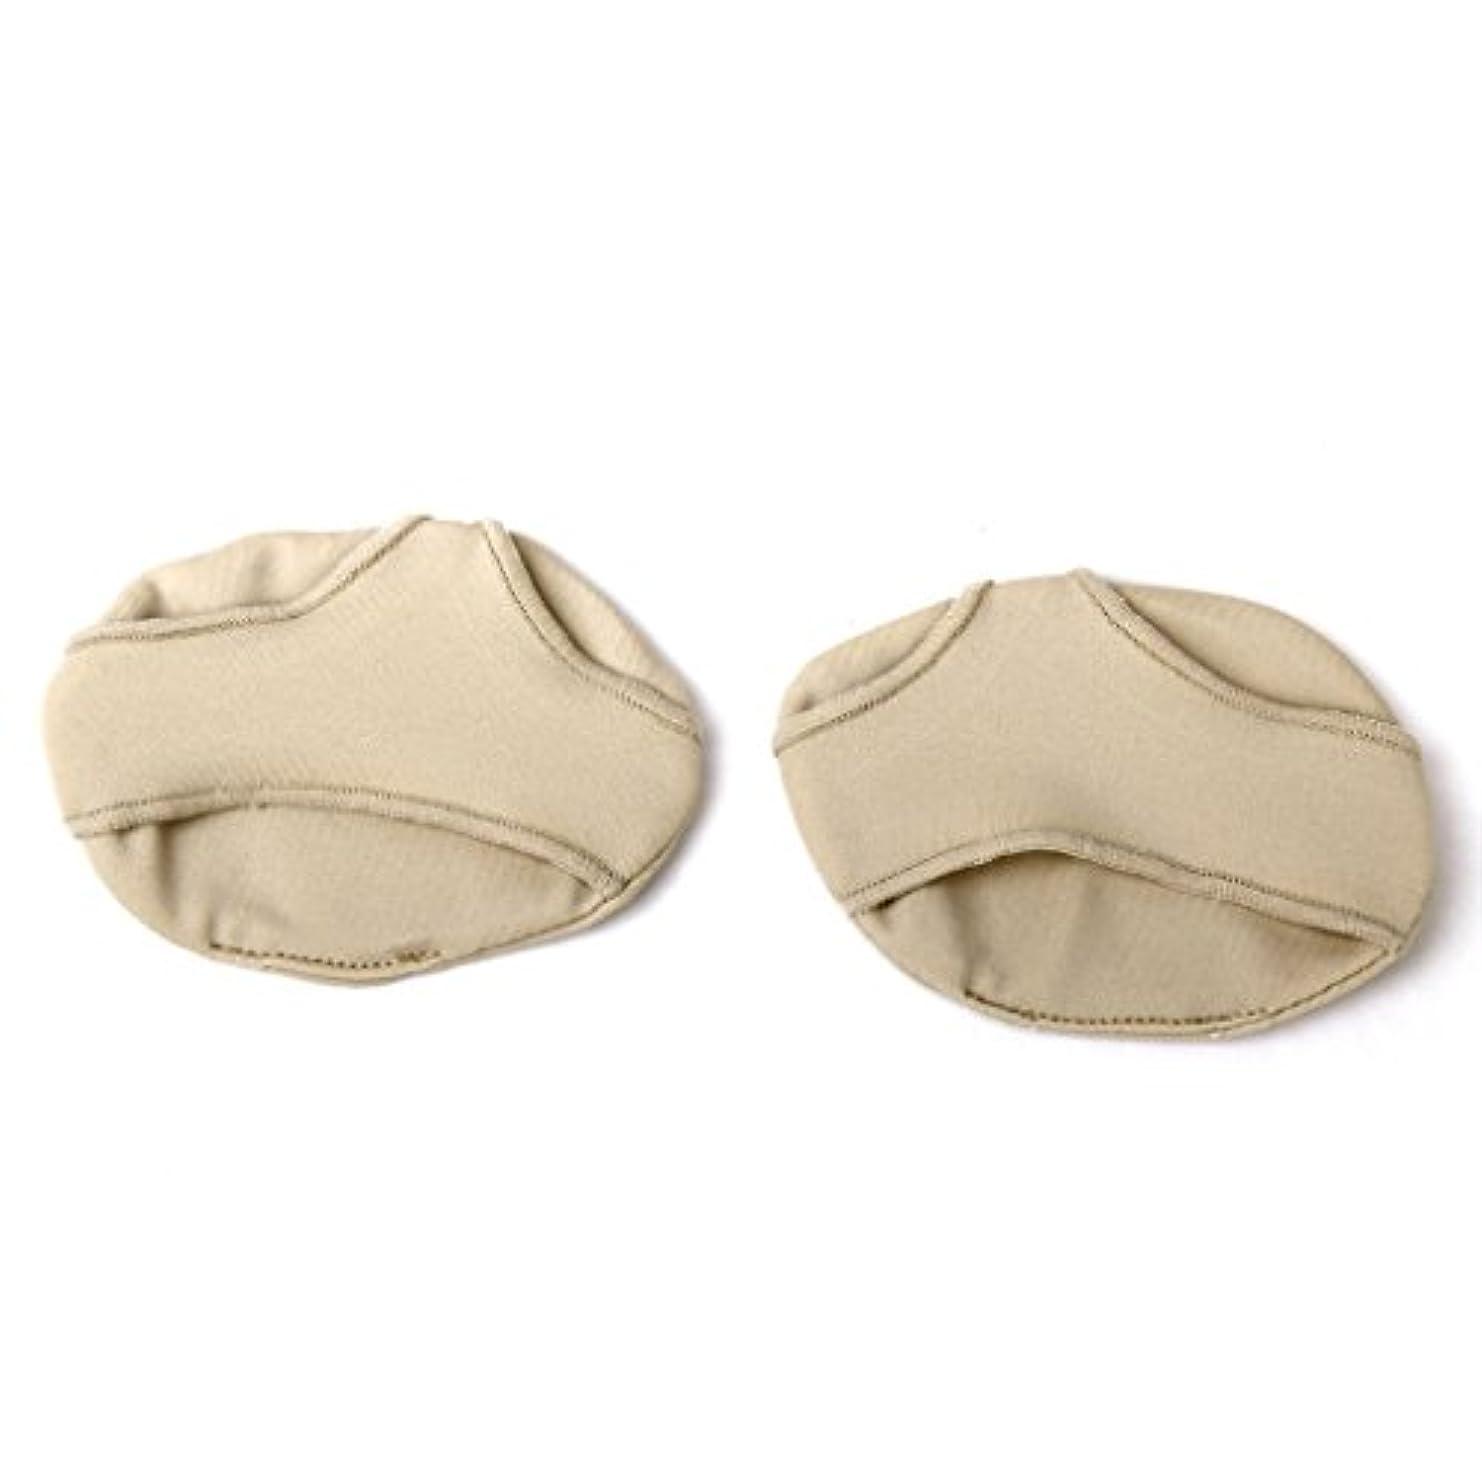 中庭特権的許されるSODIAL(R) ペアの低中足パッド クッションブランケット 前足の痛みを和らげるためのストラップ付きインソール Y形